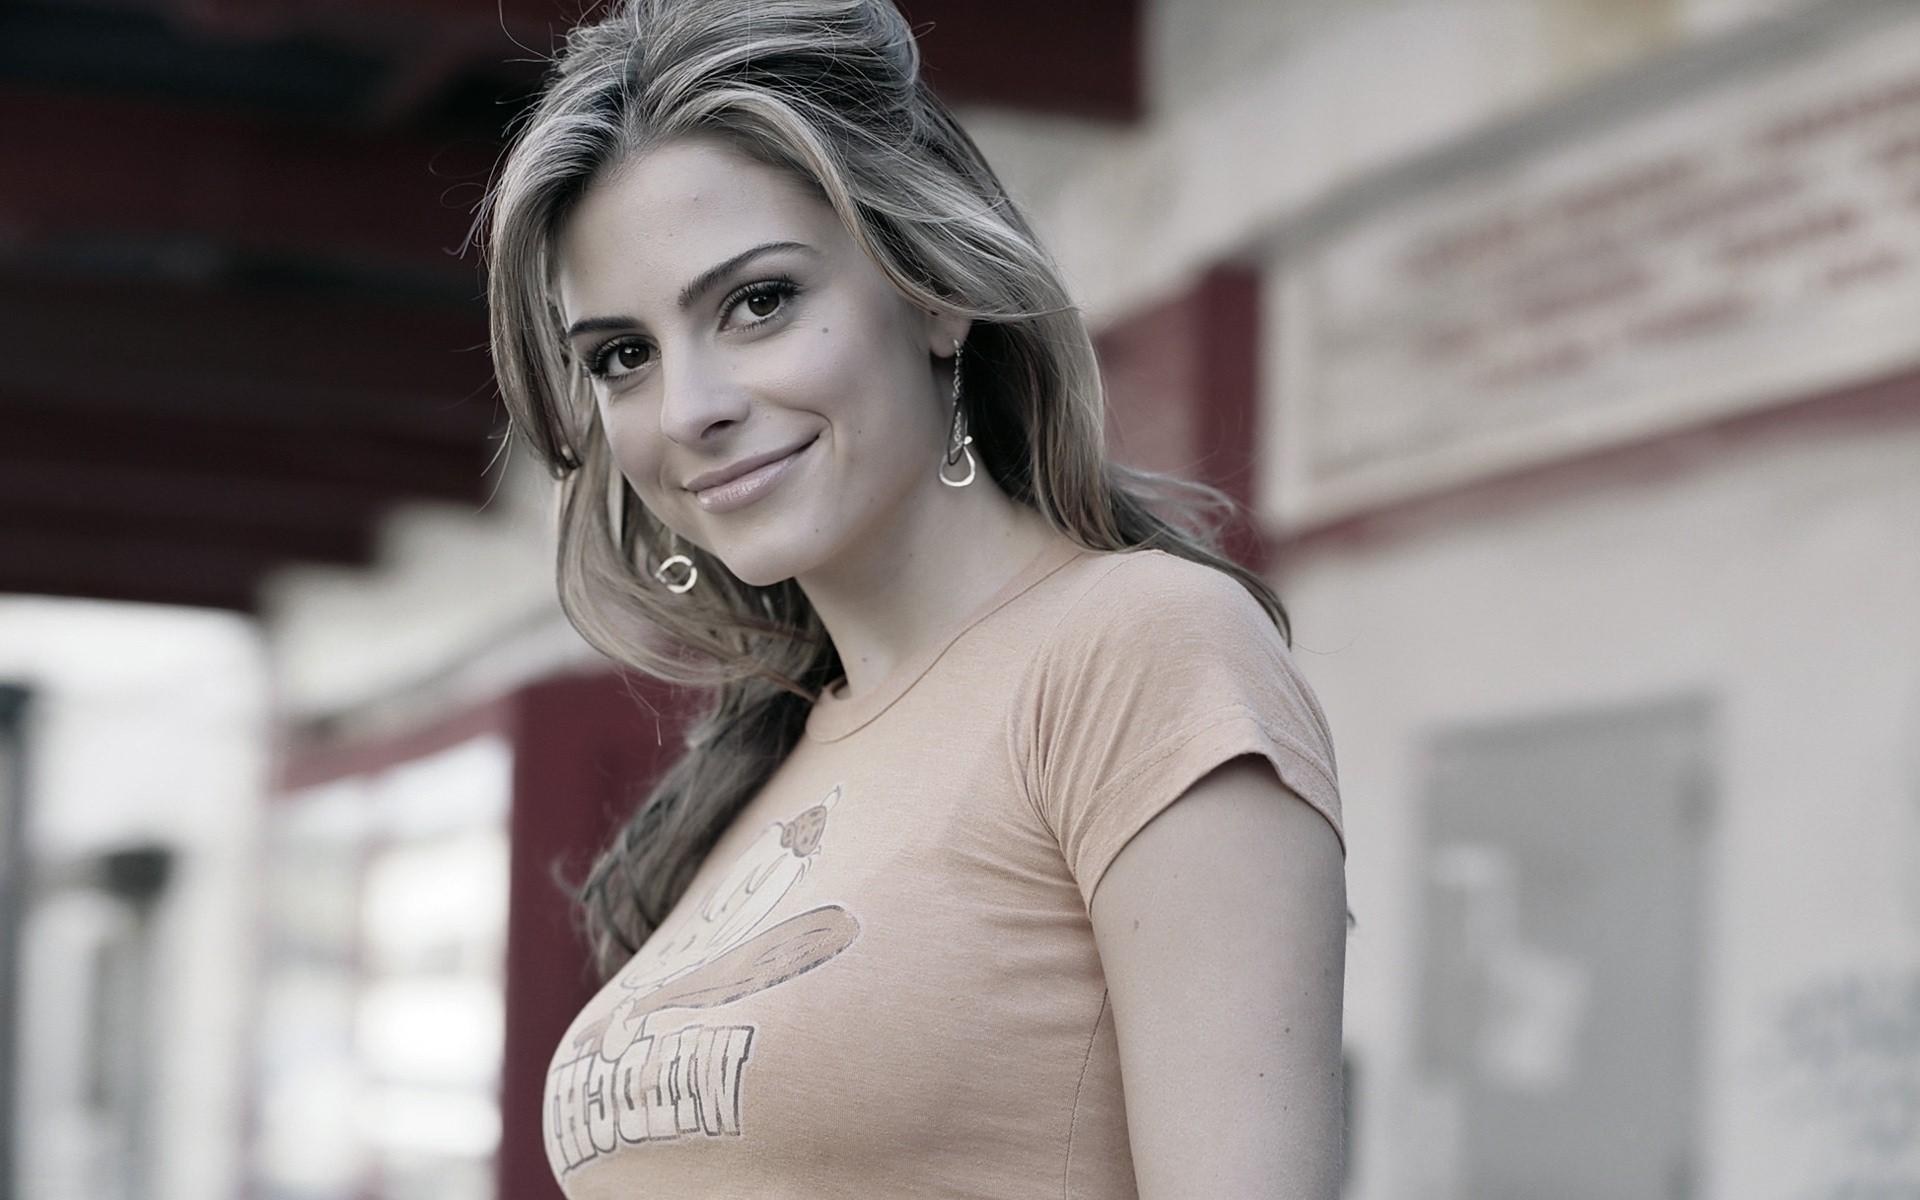 Pretty Cute Hd Photo Of Beautiful English Model Girl - Hot Beautiful English Girls - HD Wallpaper